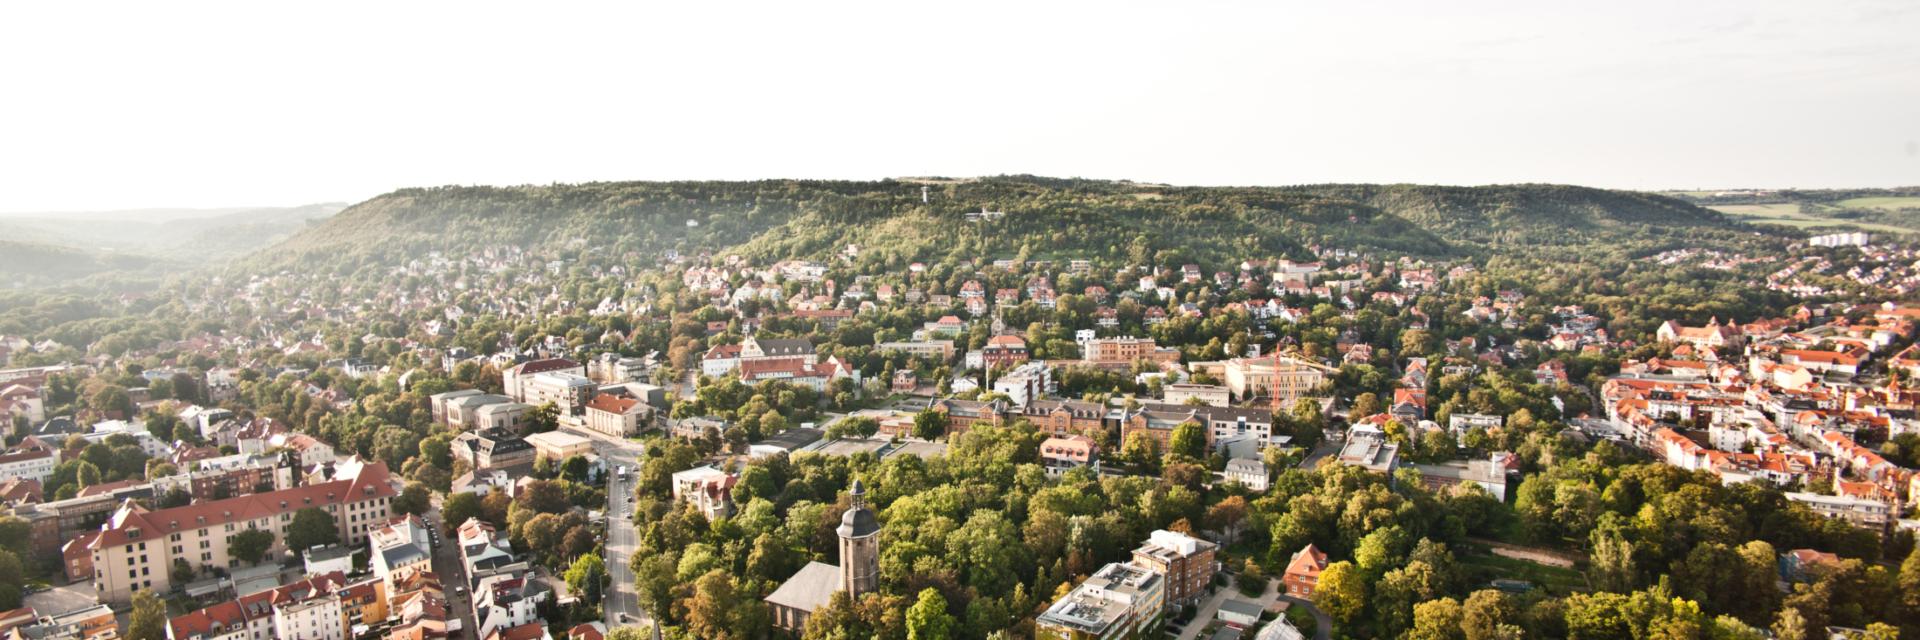 Sonniger Blick auf die Tagungsstadt Jena © Stadt Jena, Foto: Jens Hauspurg